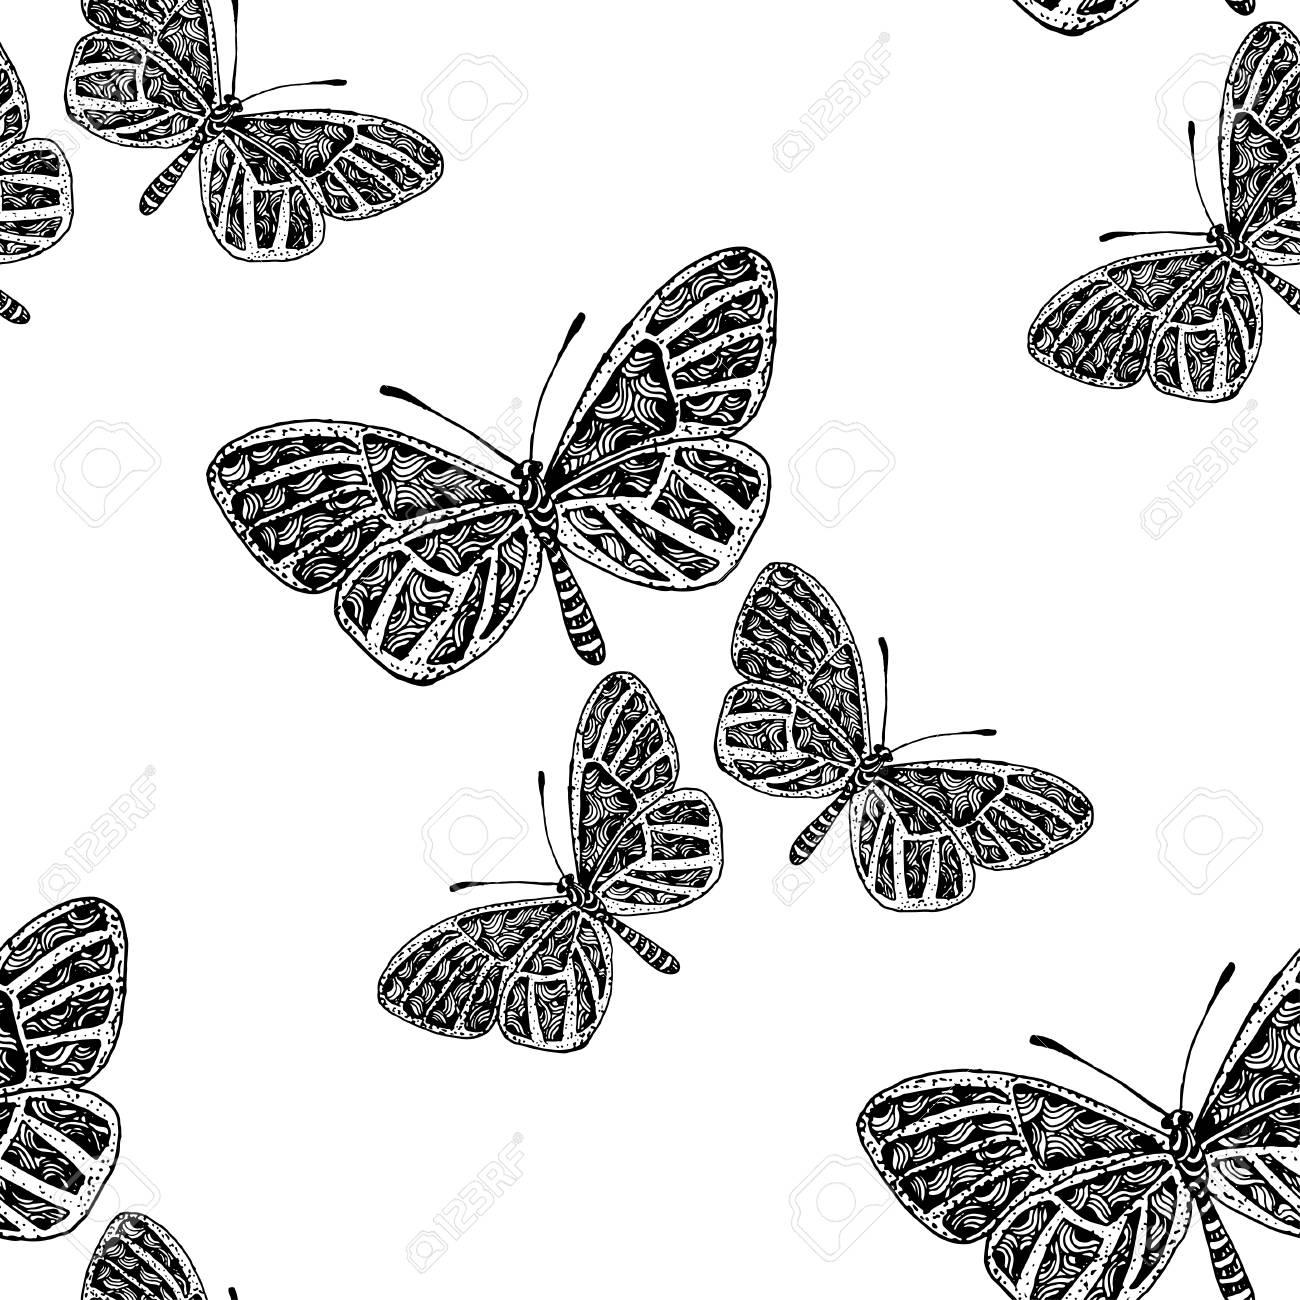 Hand Gezeichnet Vektor Schmetterling, Frühling Und Sommer Nahtlose ...